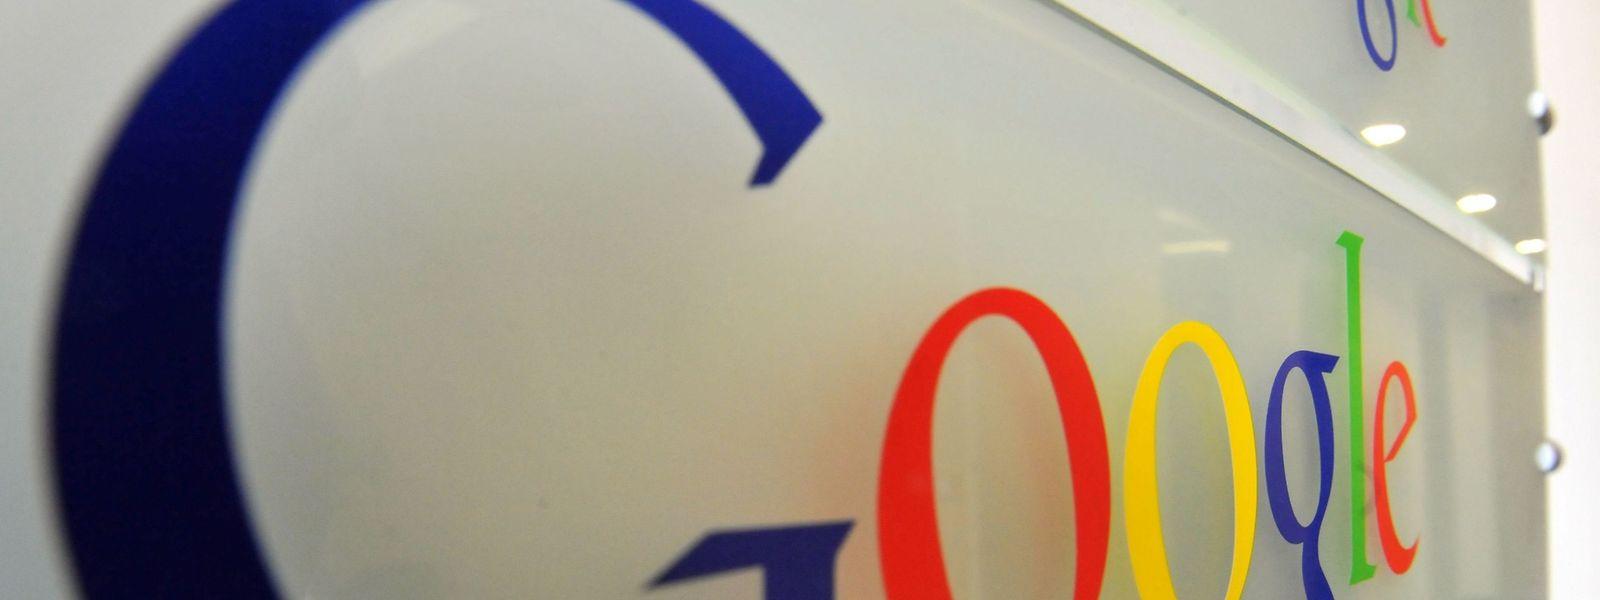 Das Projekt des Google-Datenzentrums in Bissen steht für die ADR sinnbildlich für eine falsche Wirtschaftspolitik.